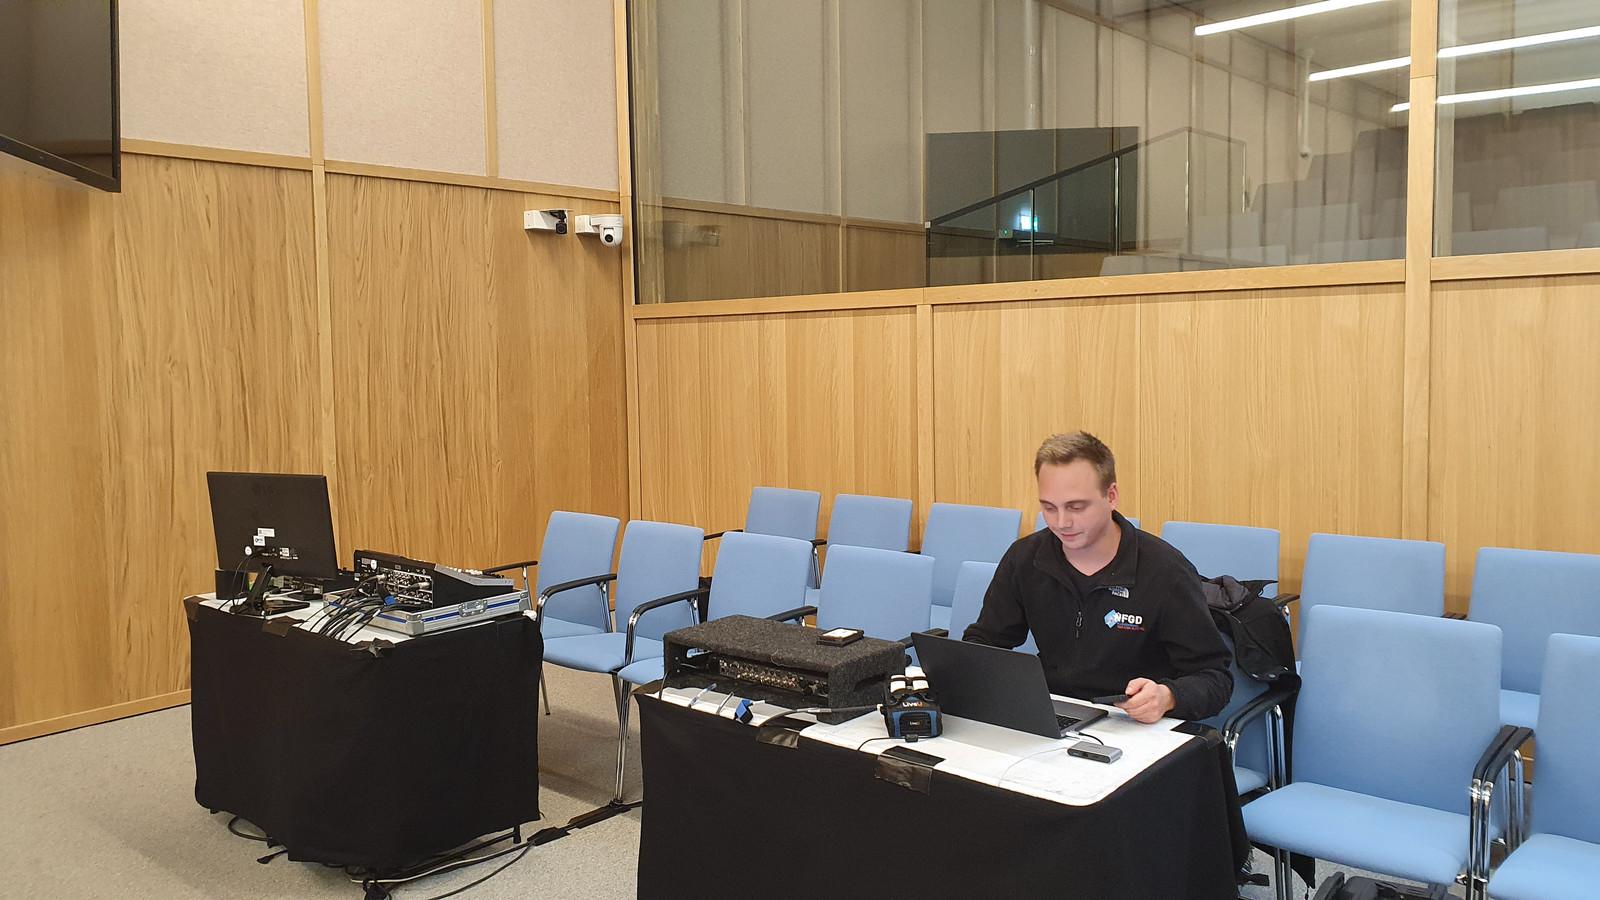 Een gespecialiseerd bedrijf verzorgde op 9 april de livestream van de uitspraak in de zaak rond de Bredase 'flatspringers'.